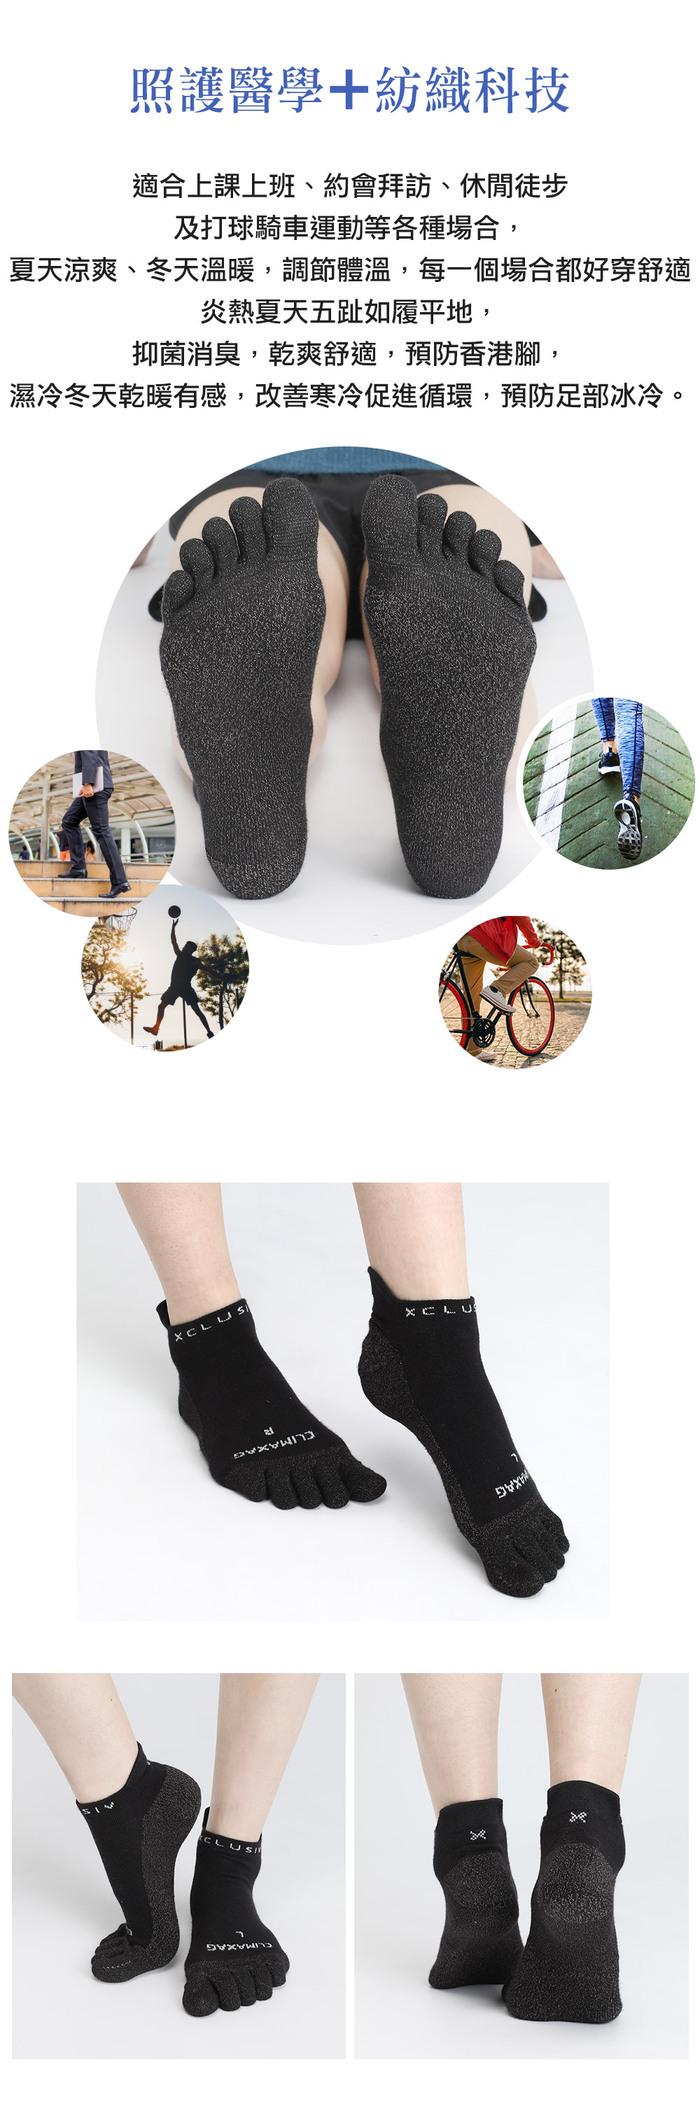 (複製)XCLUSIV|CLIMAXAG可立滅 銀纖維健康照護五趾船型襪(白色)